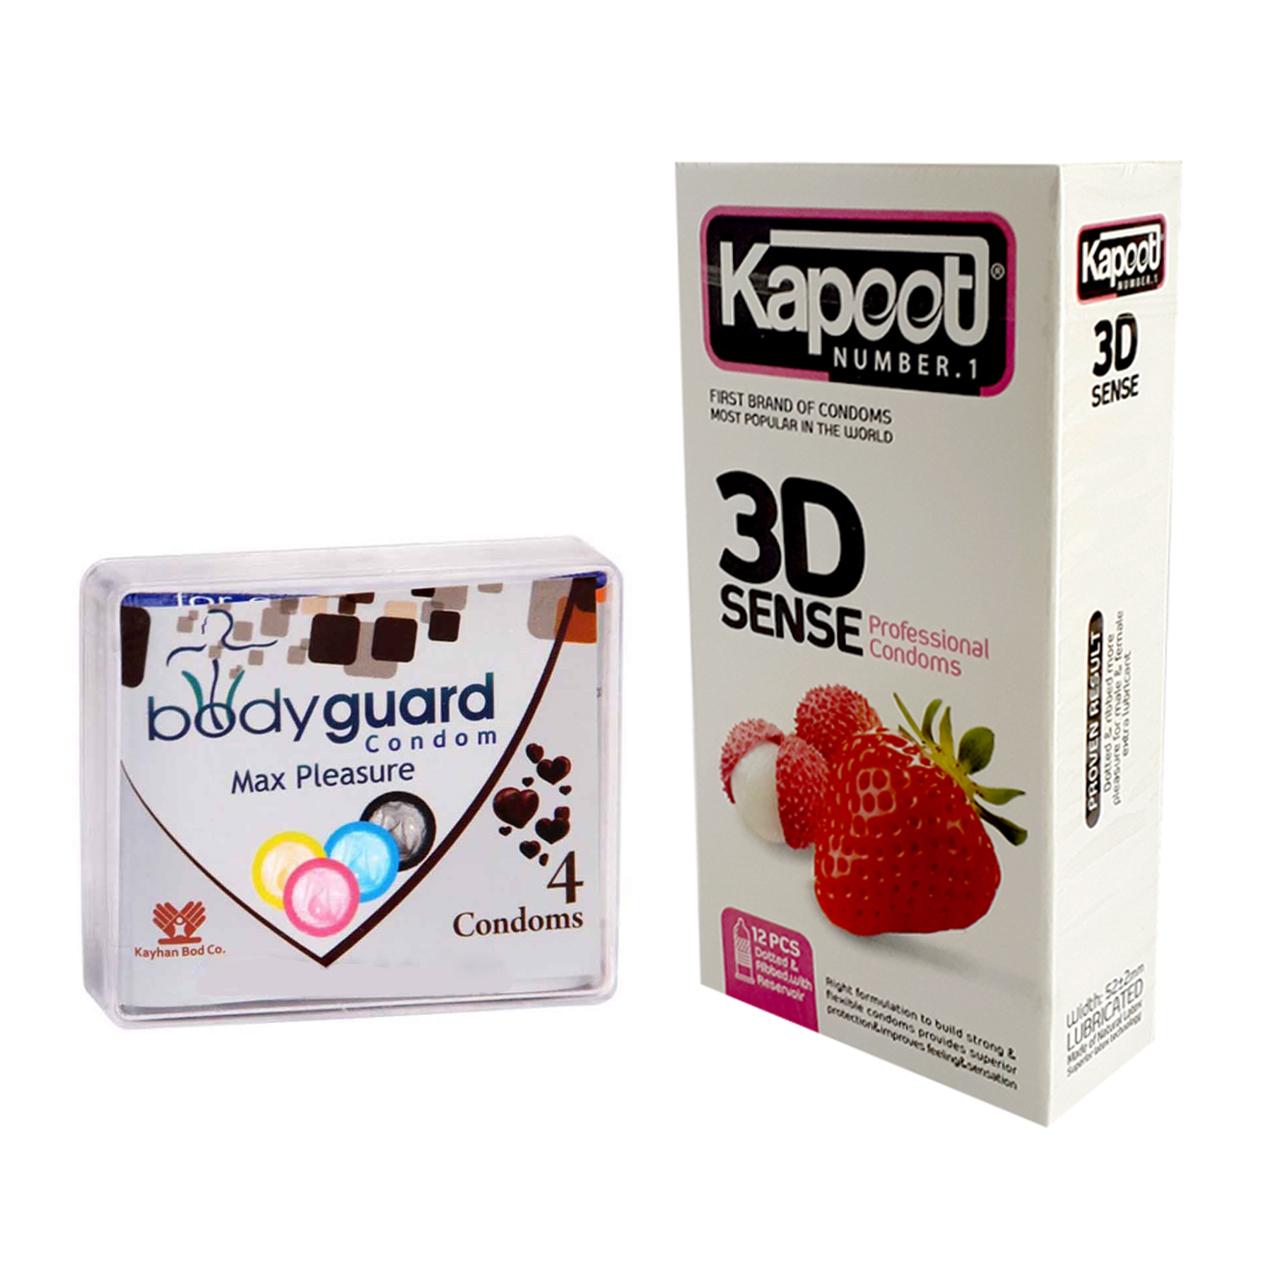 قیمت کاندوم کاپوت مدل 3D بسته 12 عددی به همراه کاندوم بادیگارد مدل Max Pleasure بسته 4 عددی